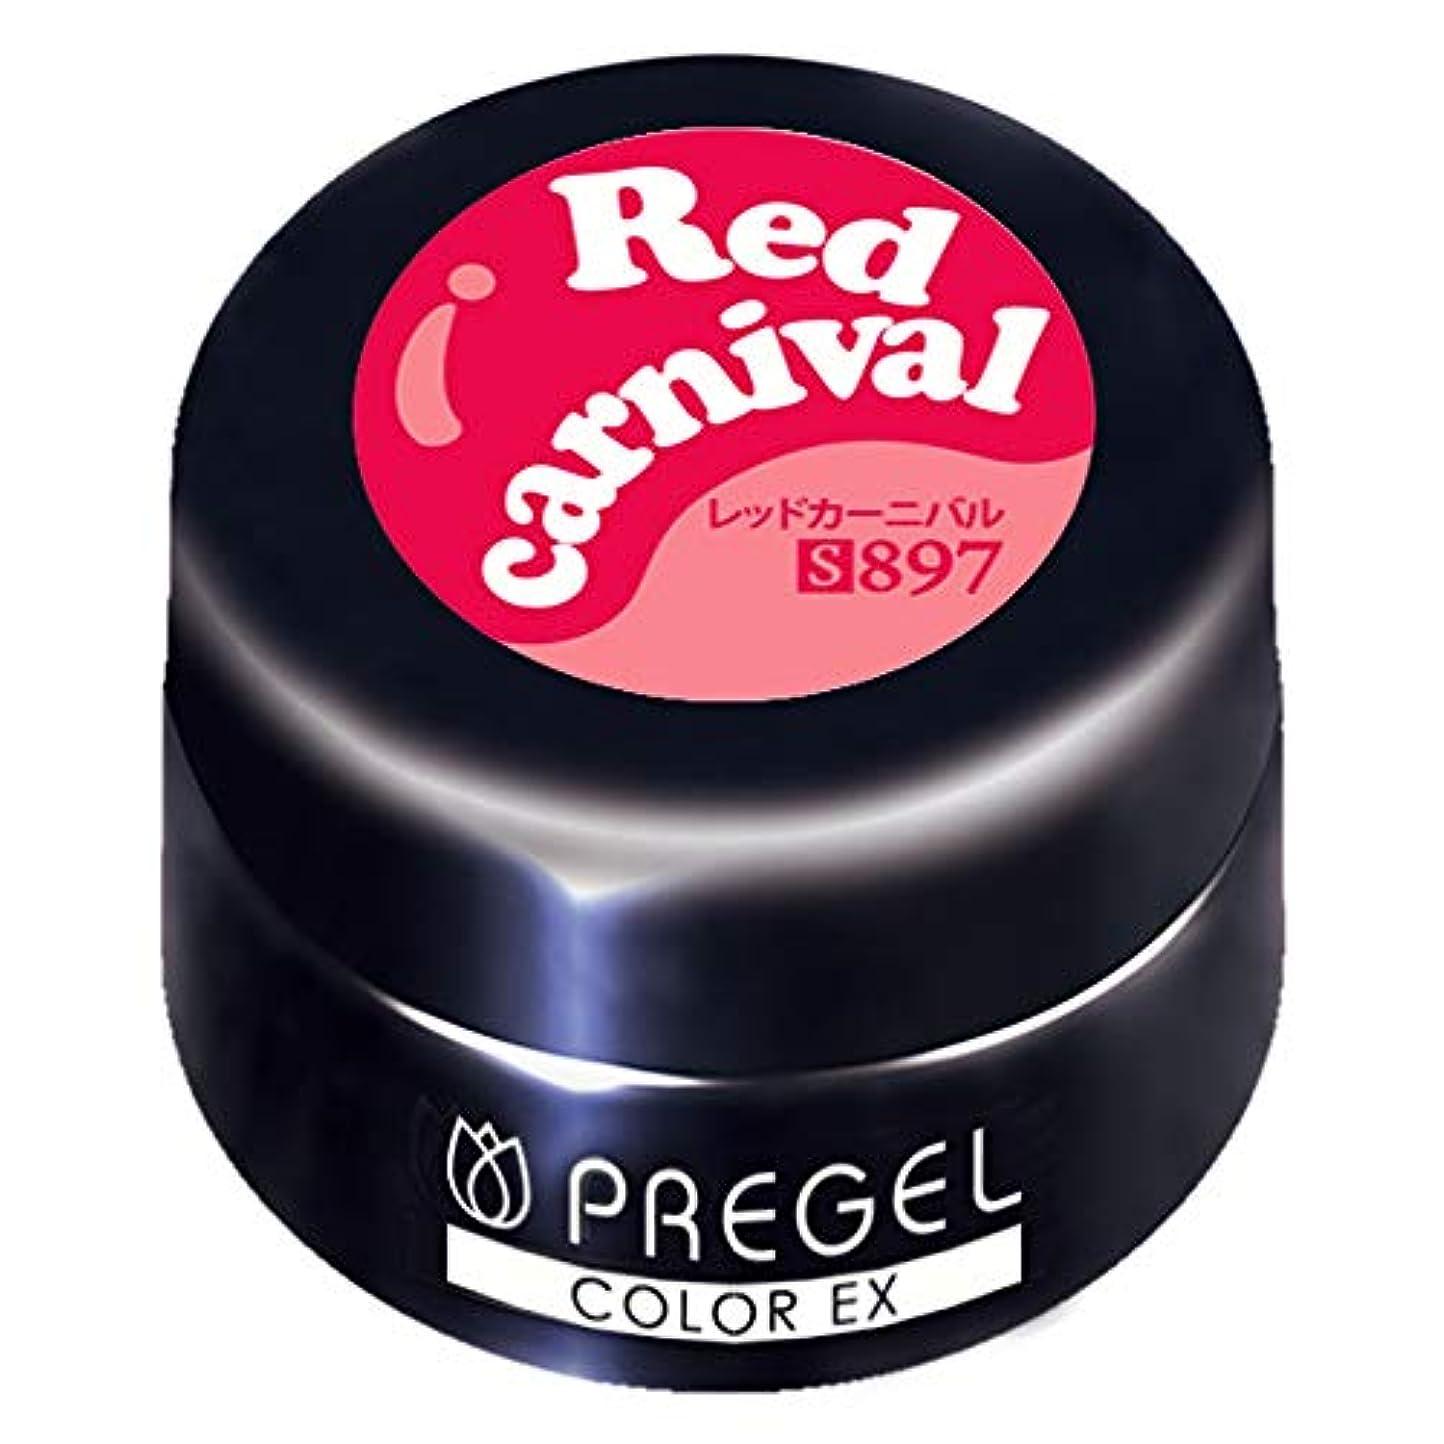 シダメンダシティ振動させるPRE GEL カラーEX レッドカーニバル 3g PG-CE897